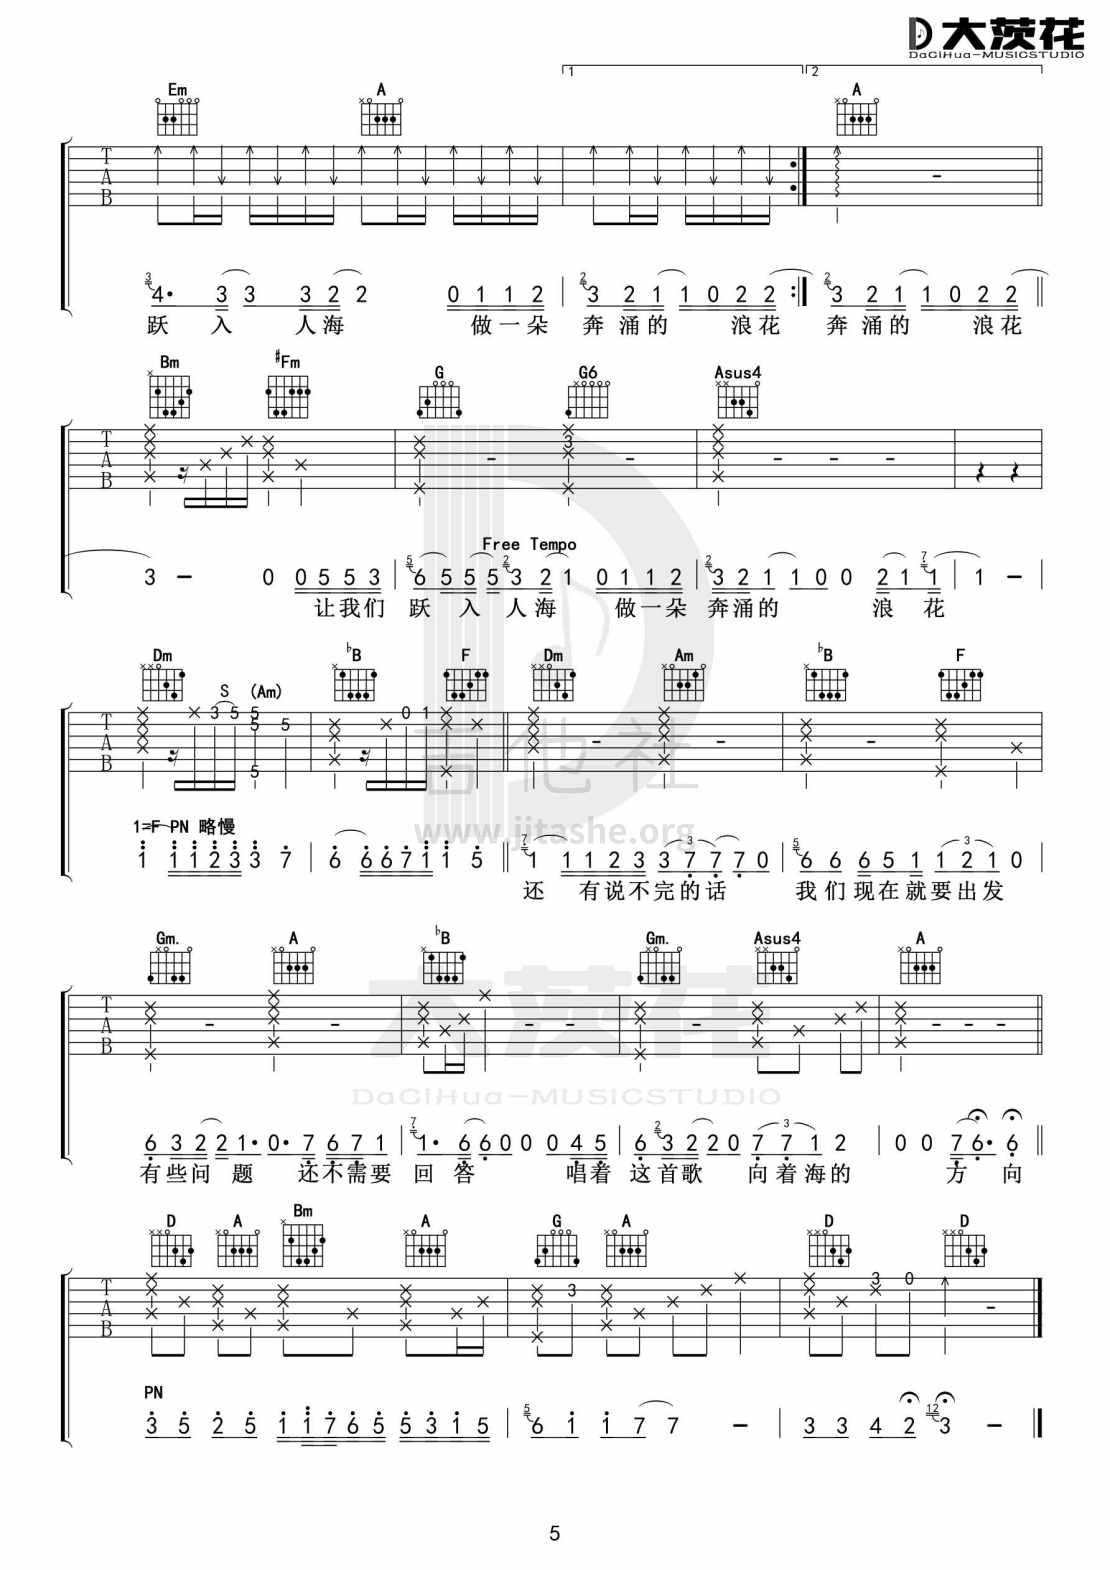 入海 (小宁制谱)吉他谱(图片谱,弹唱)_毛不易(王维家)_DCH 入海吉他谱05.jpg